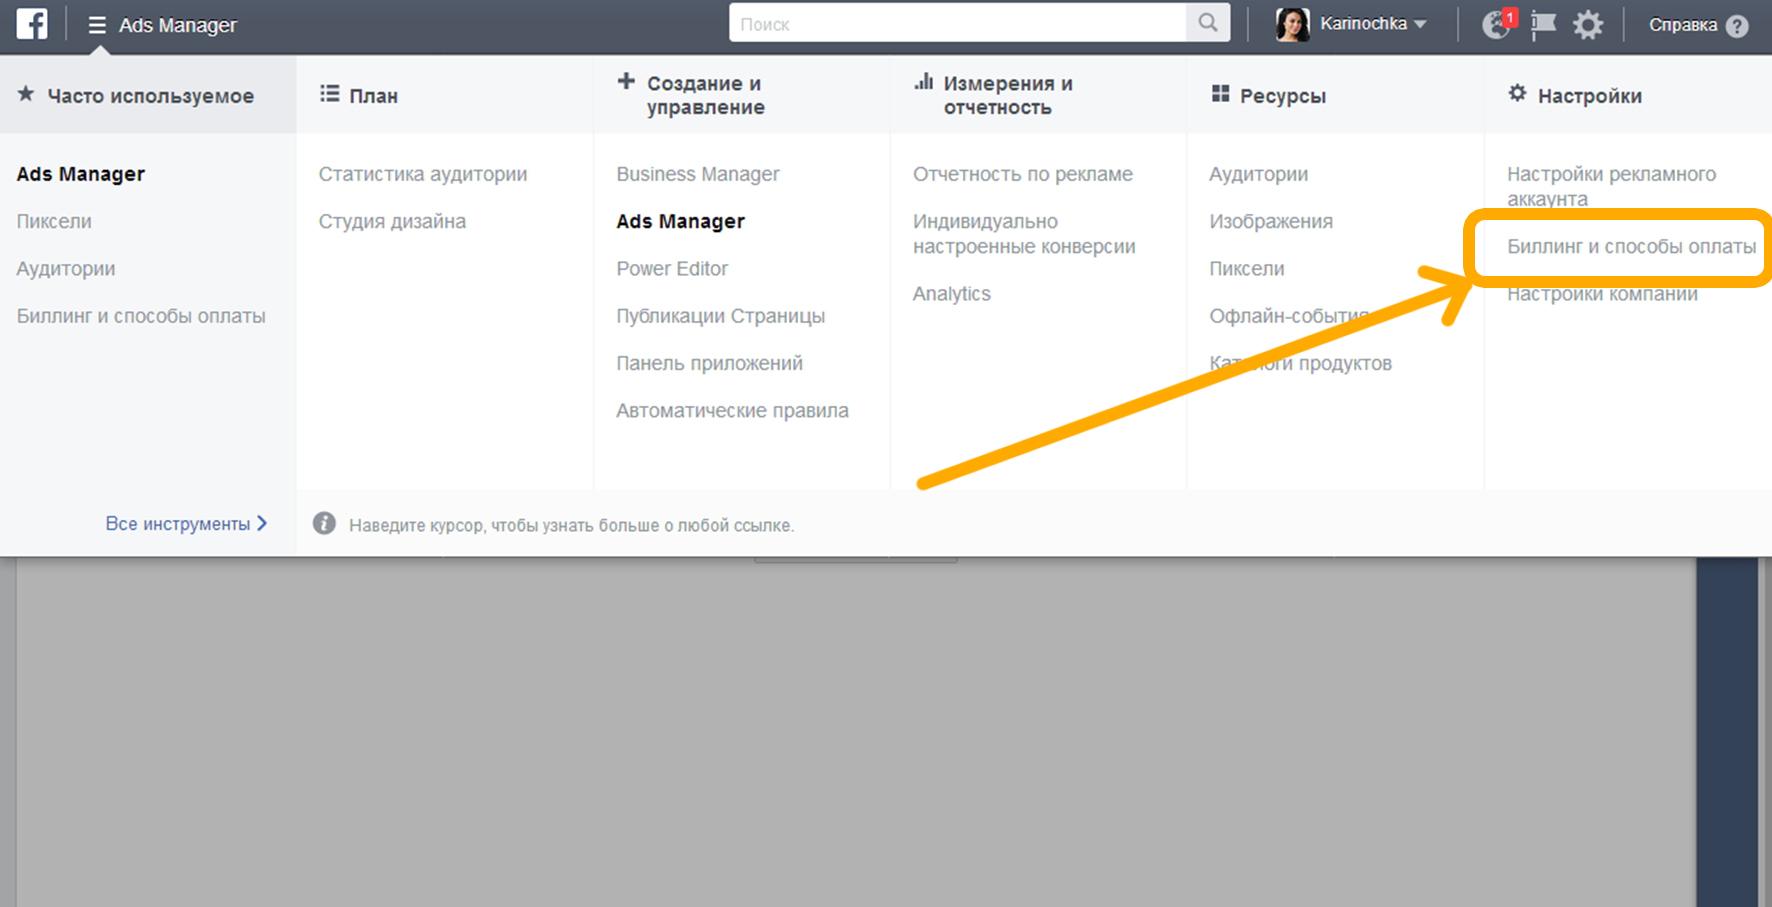 Как выглядит кнопка, при нажатии на которую, можно получить доступ к меню настроек биллинга и способов оплат в менеджере рекламы.